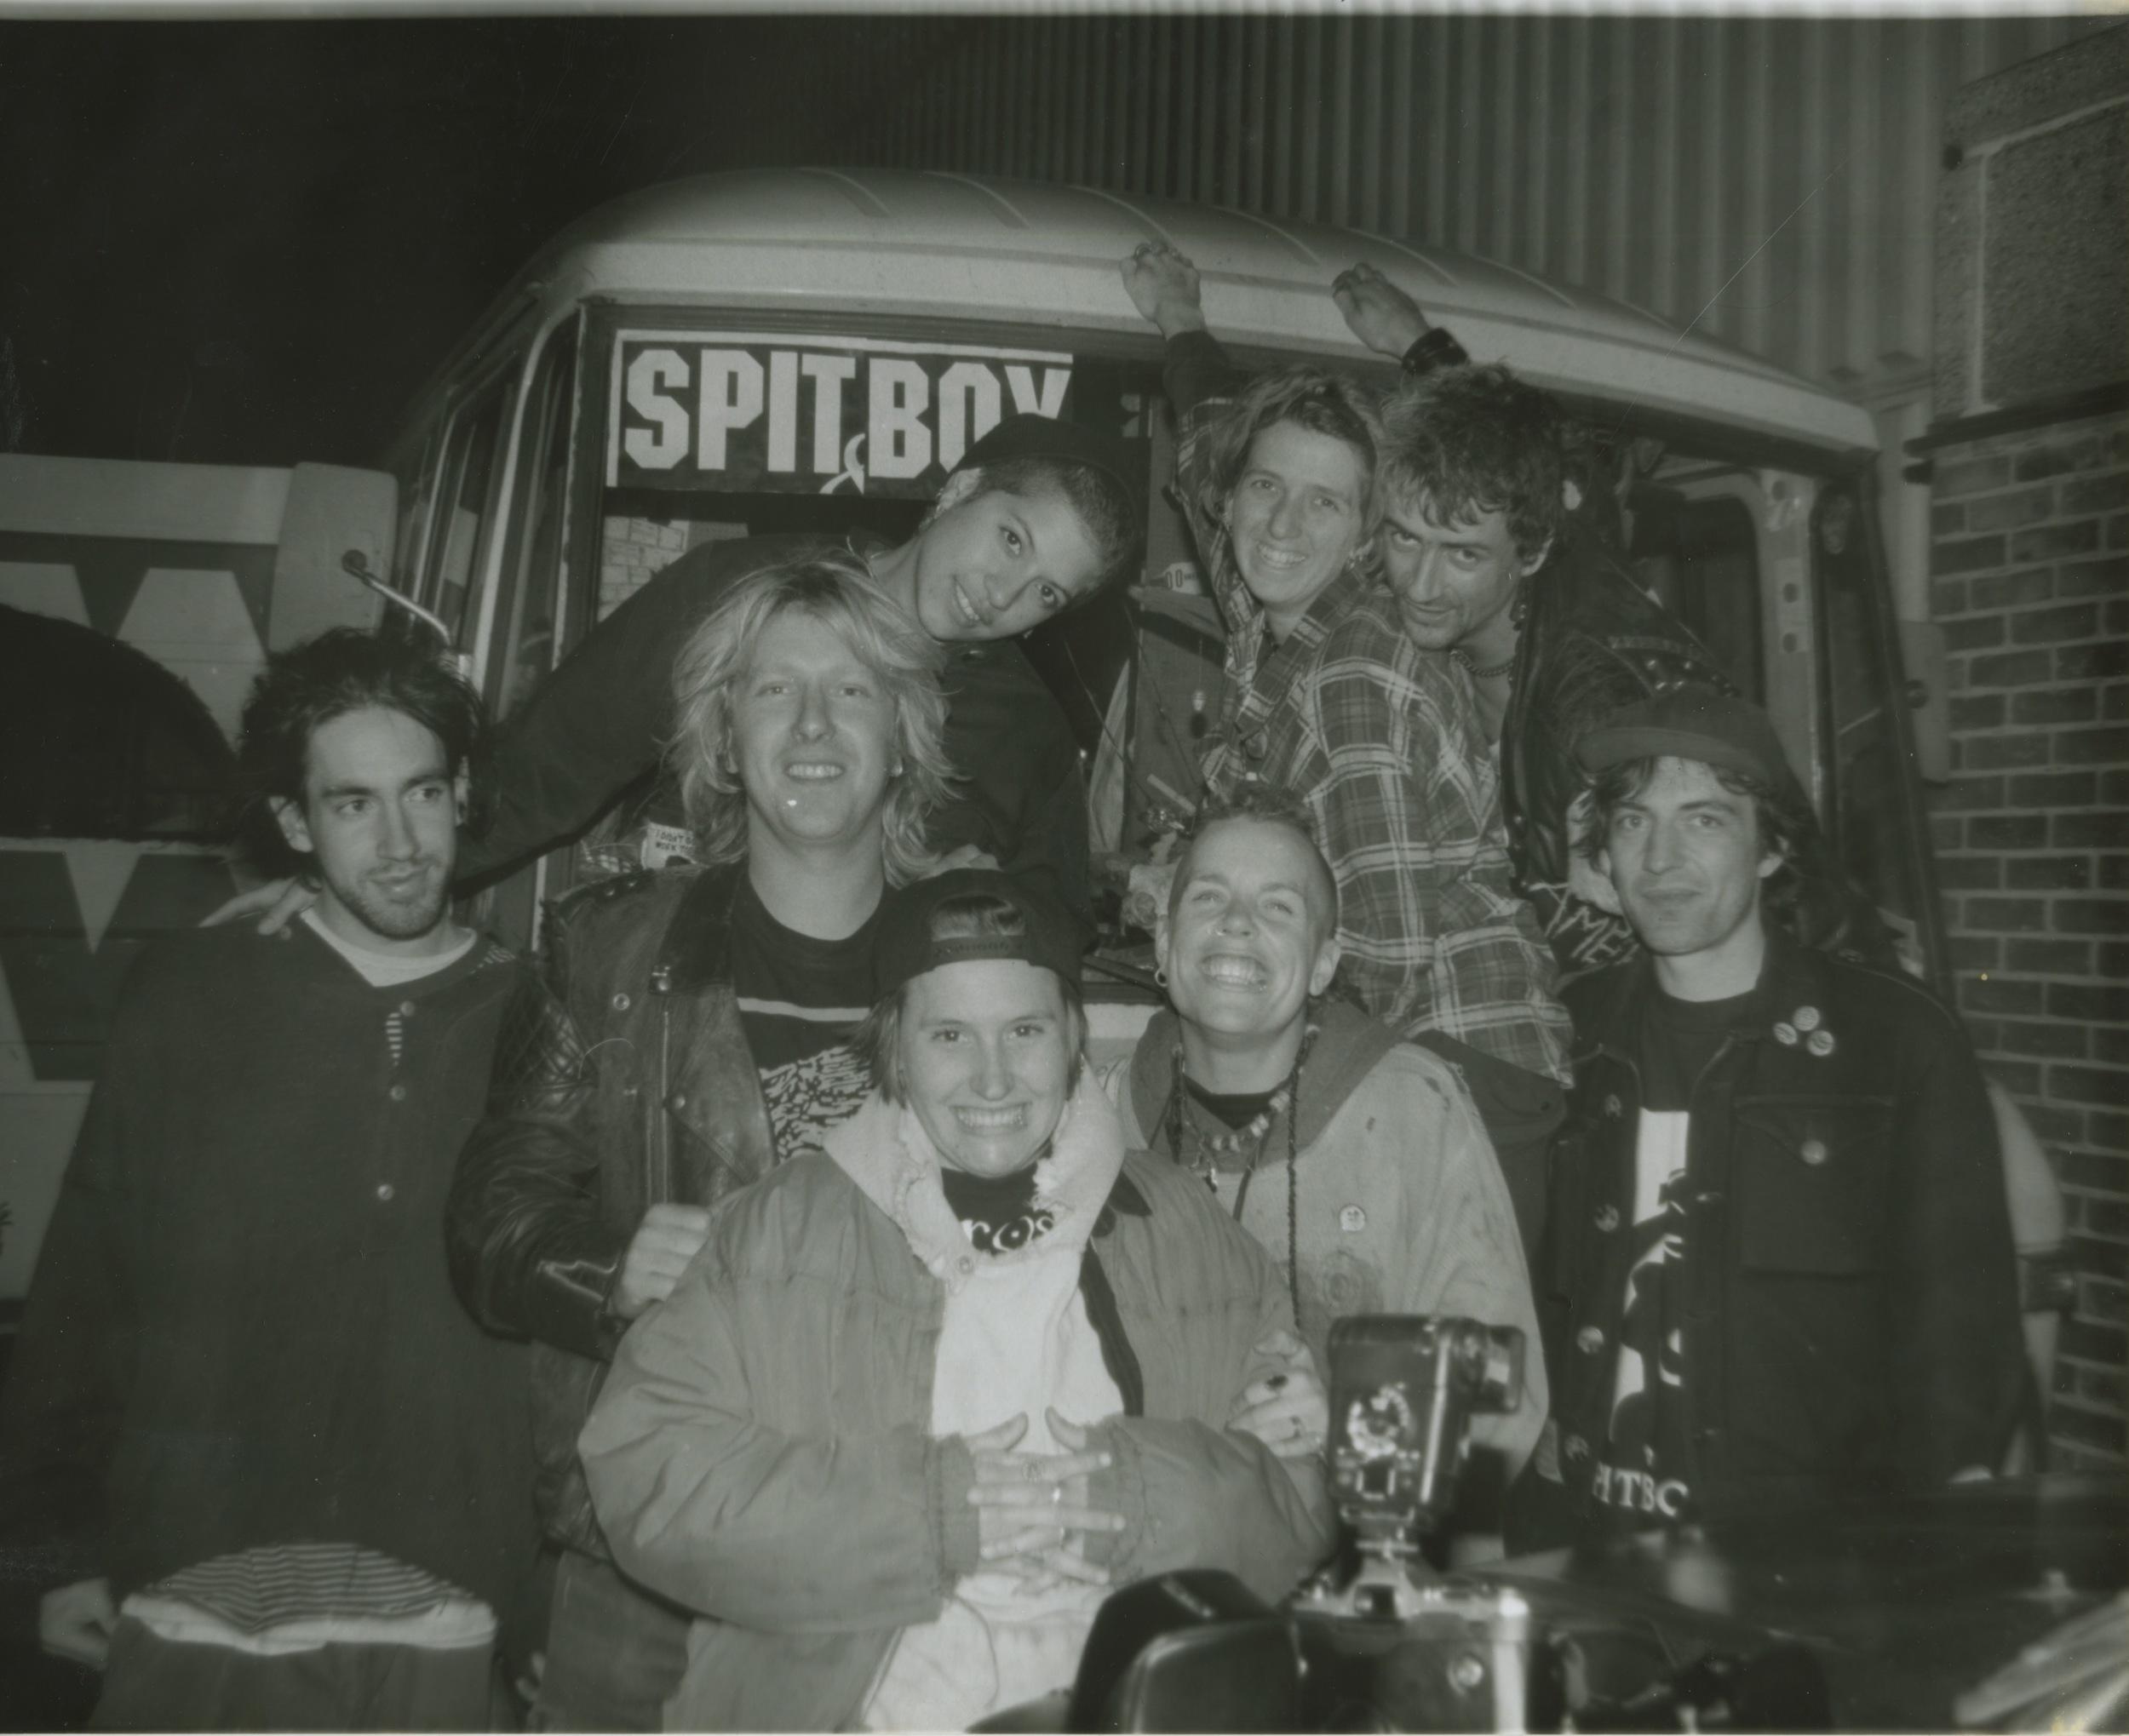 Spitboy, European tour (1993)